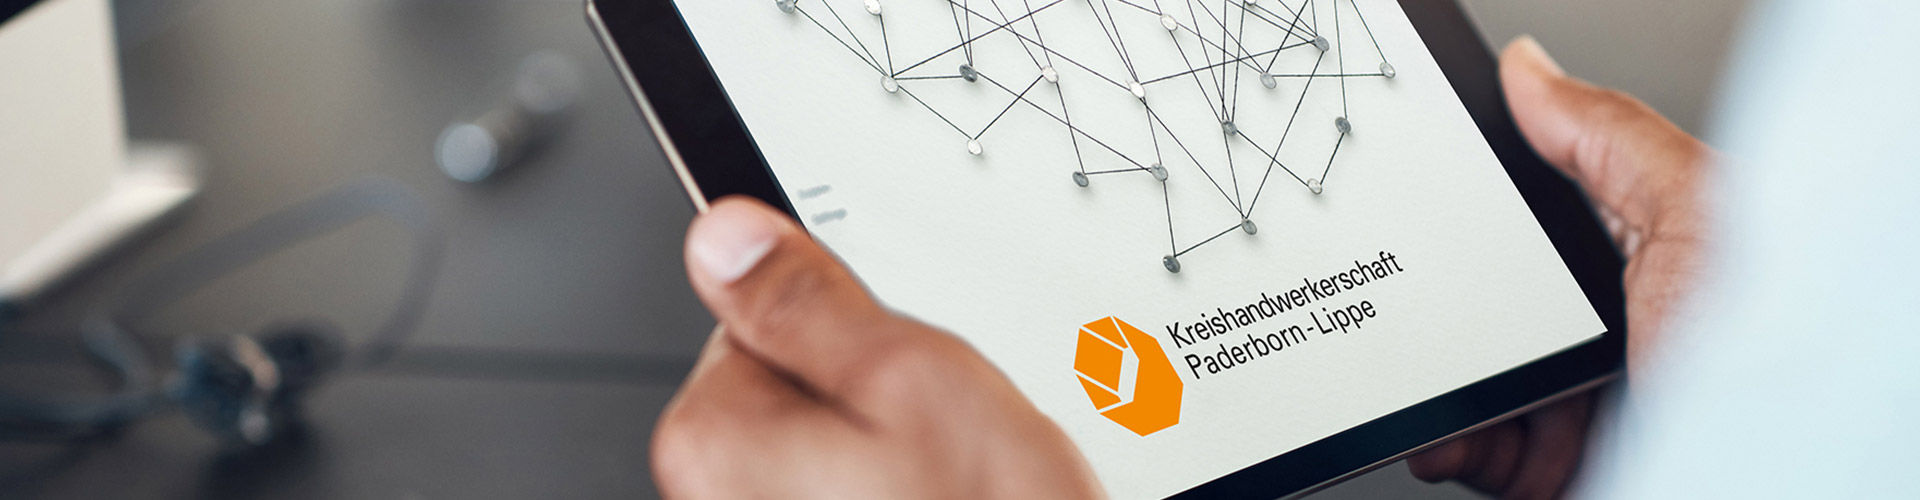 KHW-Netzwerk